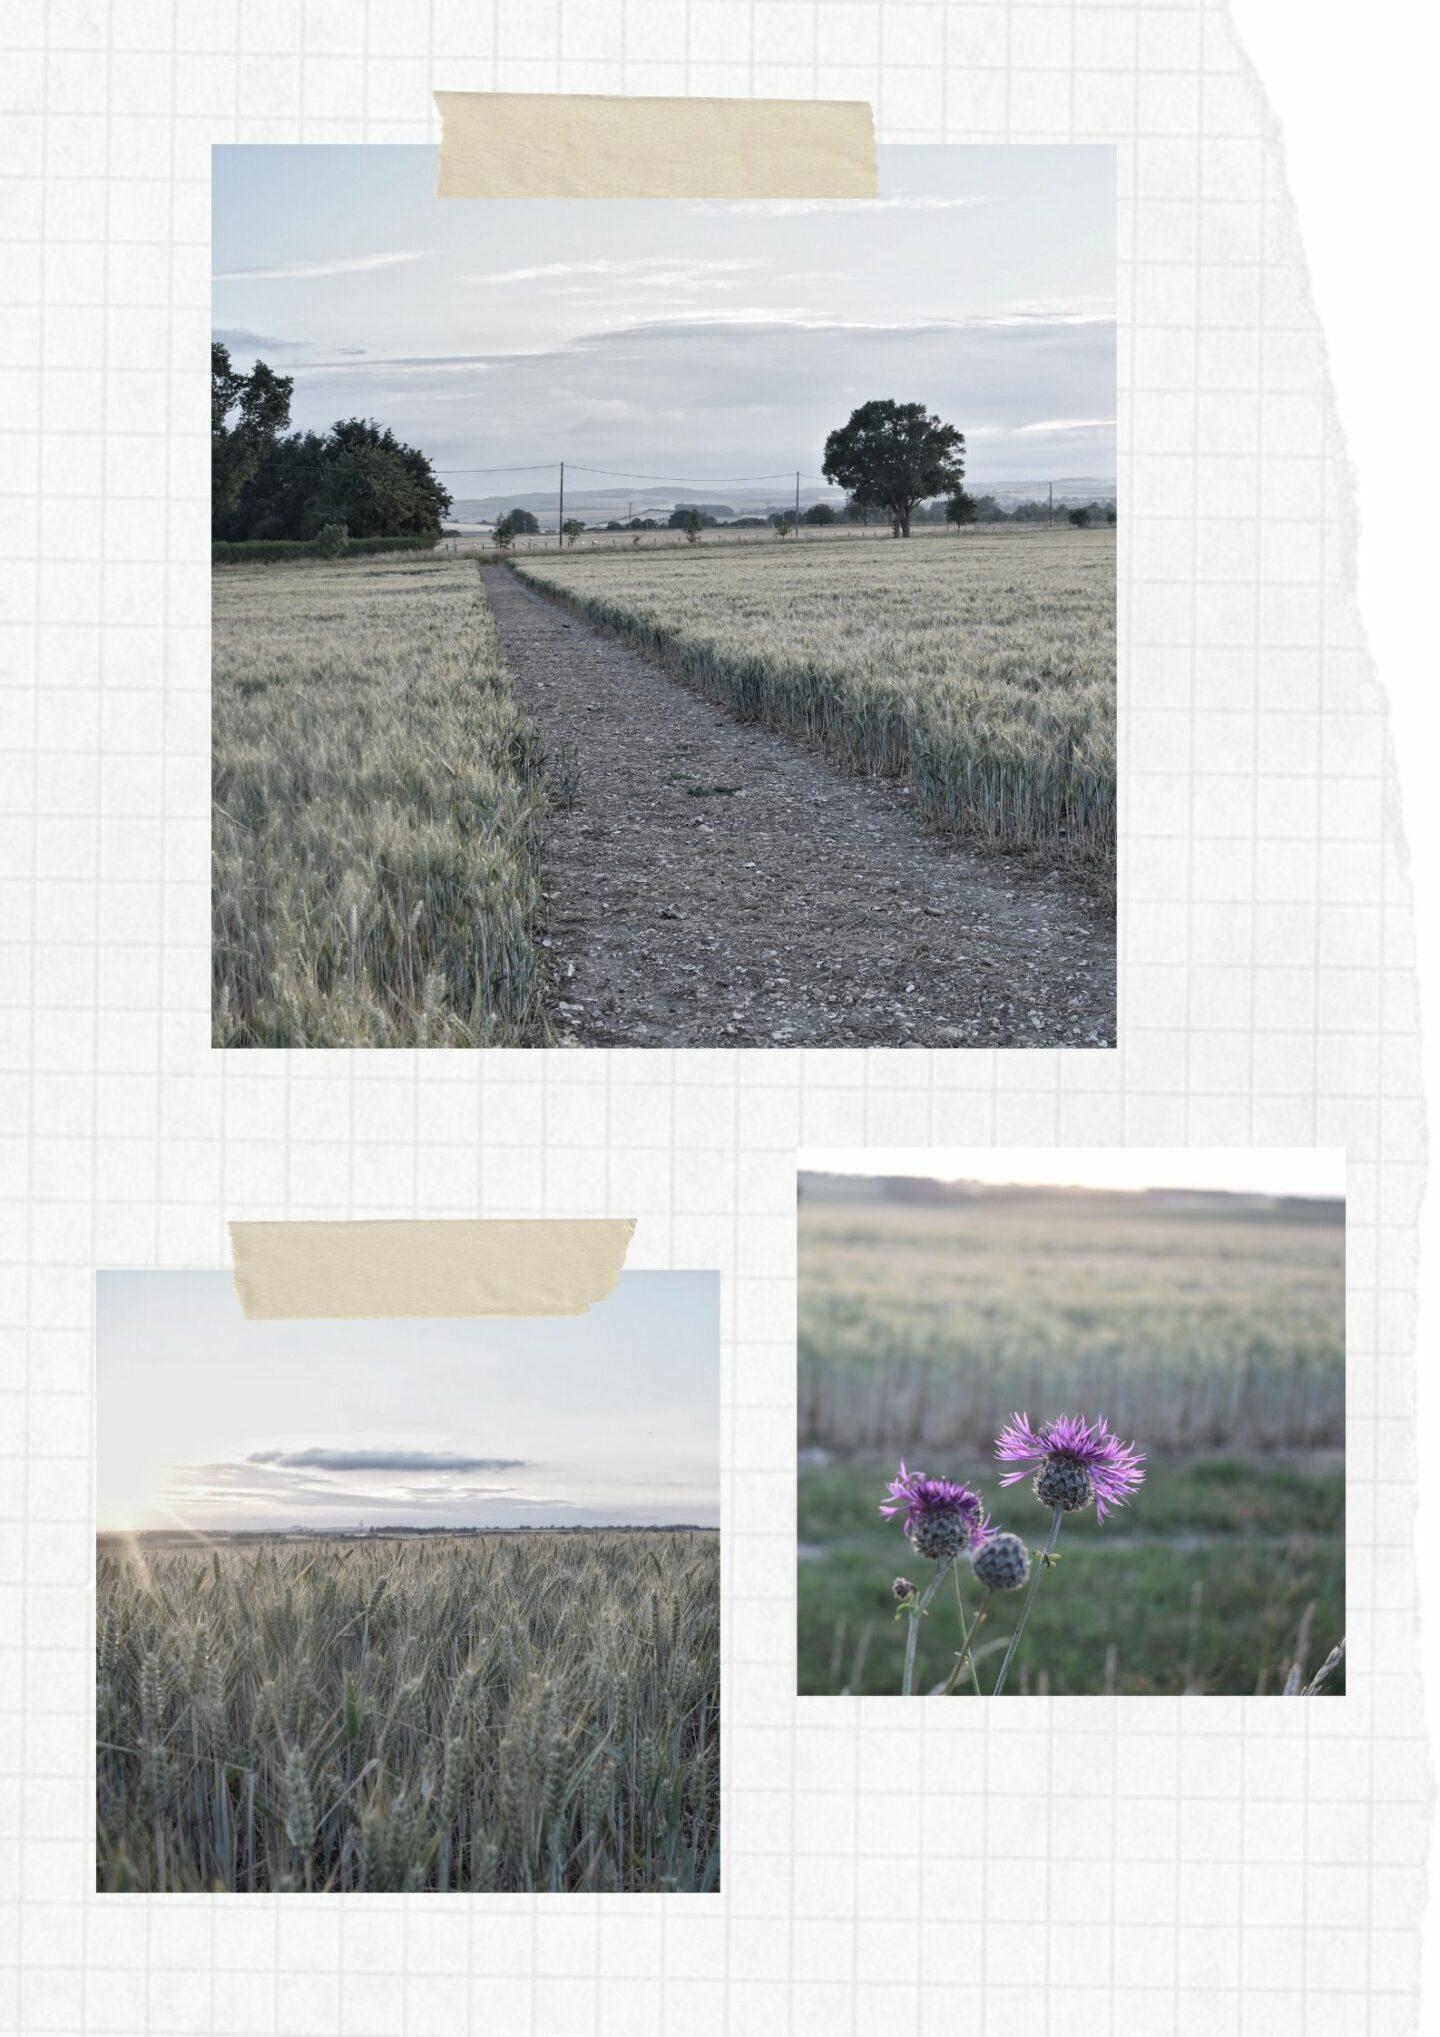 Scrapbook of wheat fields in summer